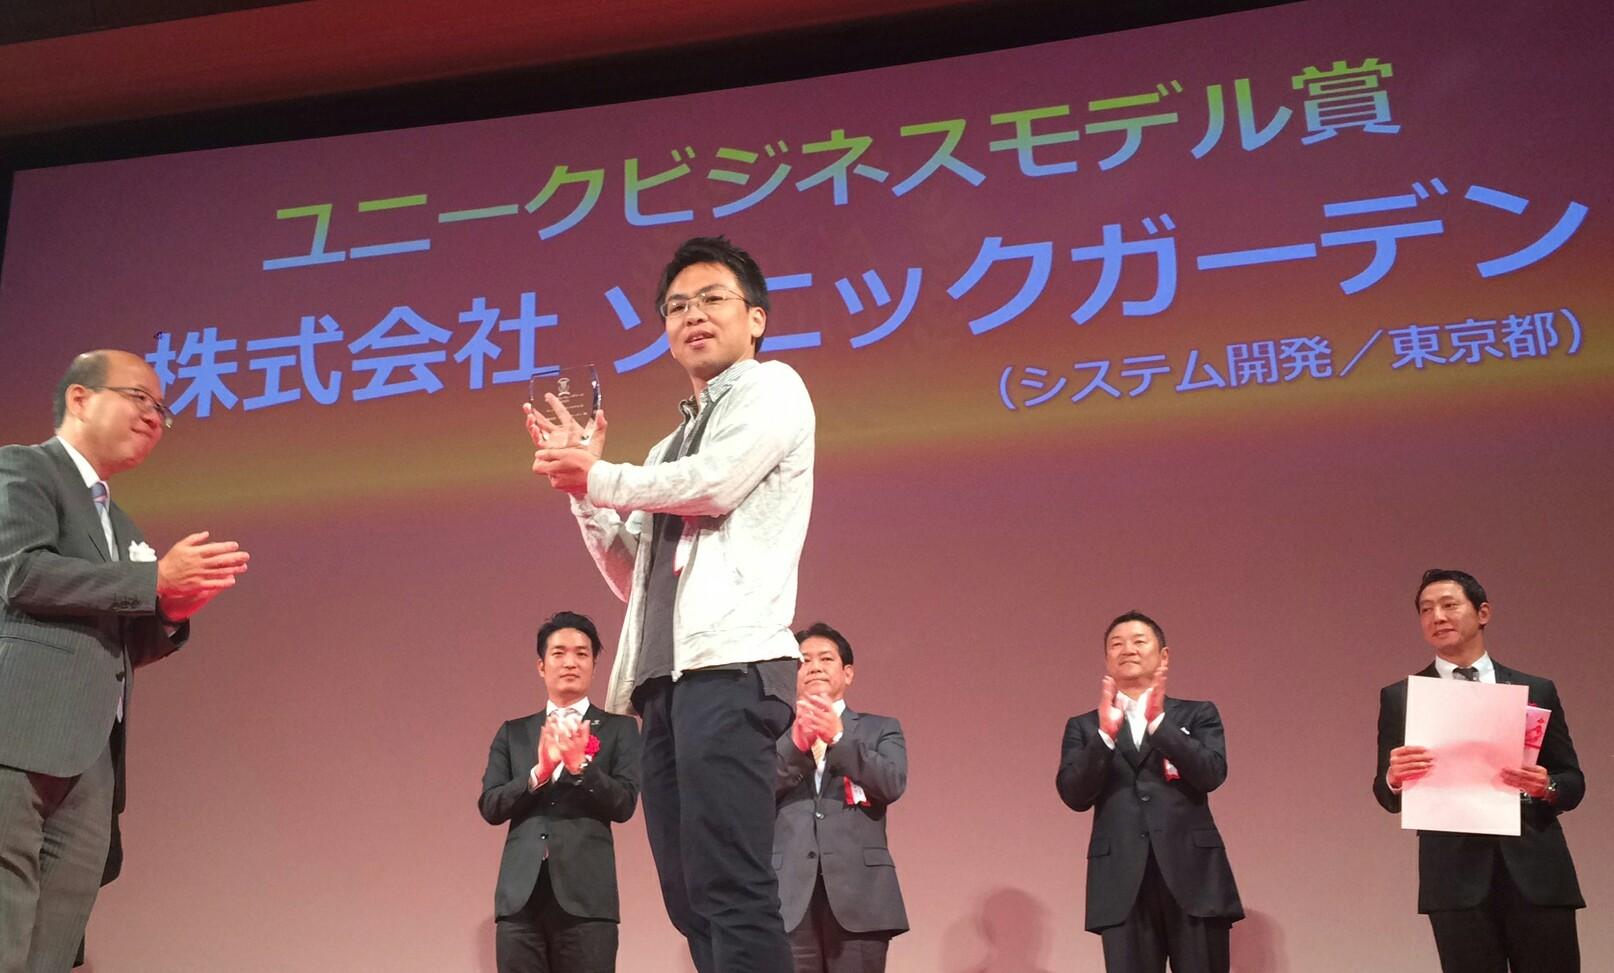 船井財団「グレートカンパニーアワード」にてユニークビジネスモデル賞を受賞しました。